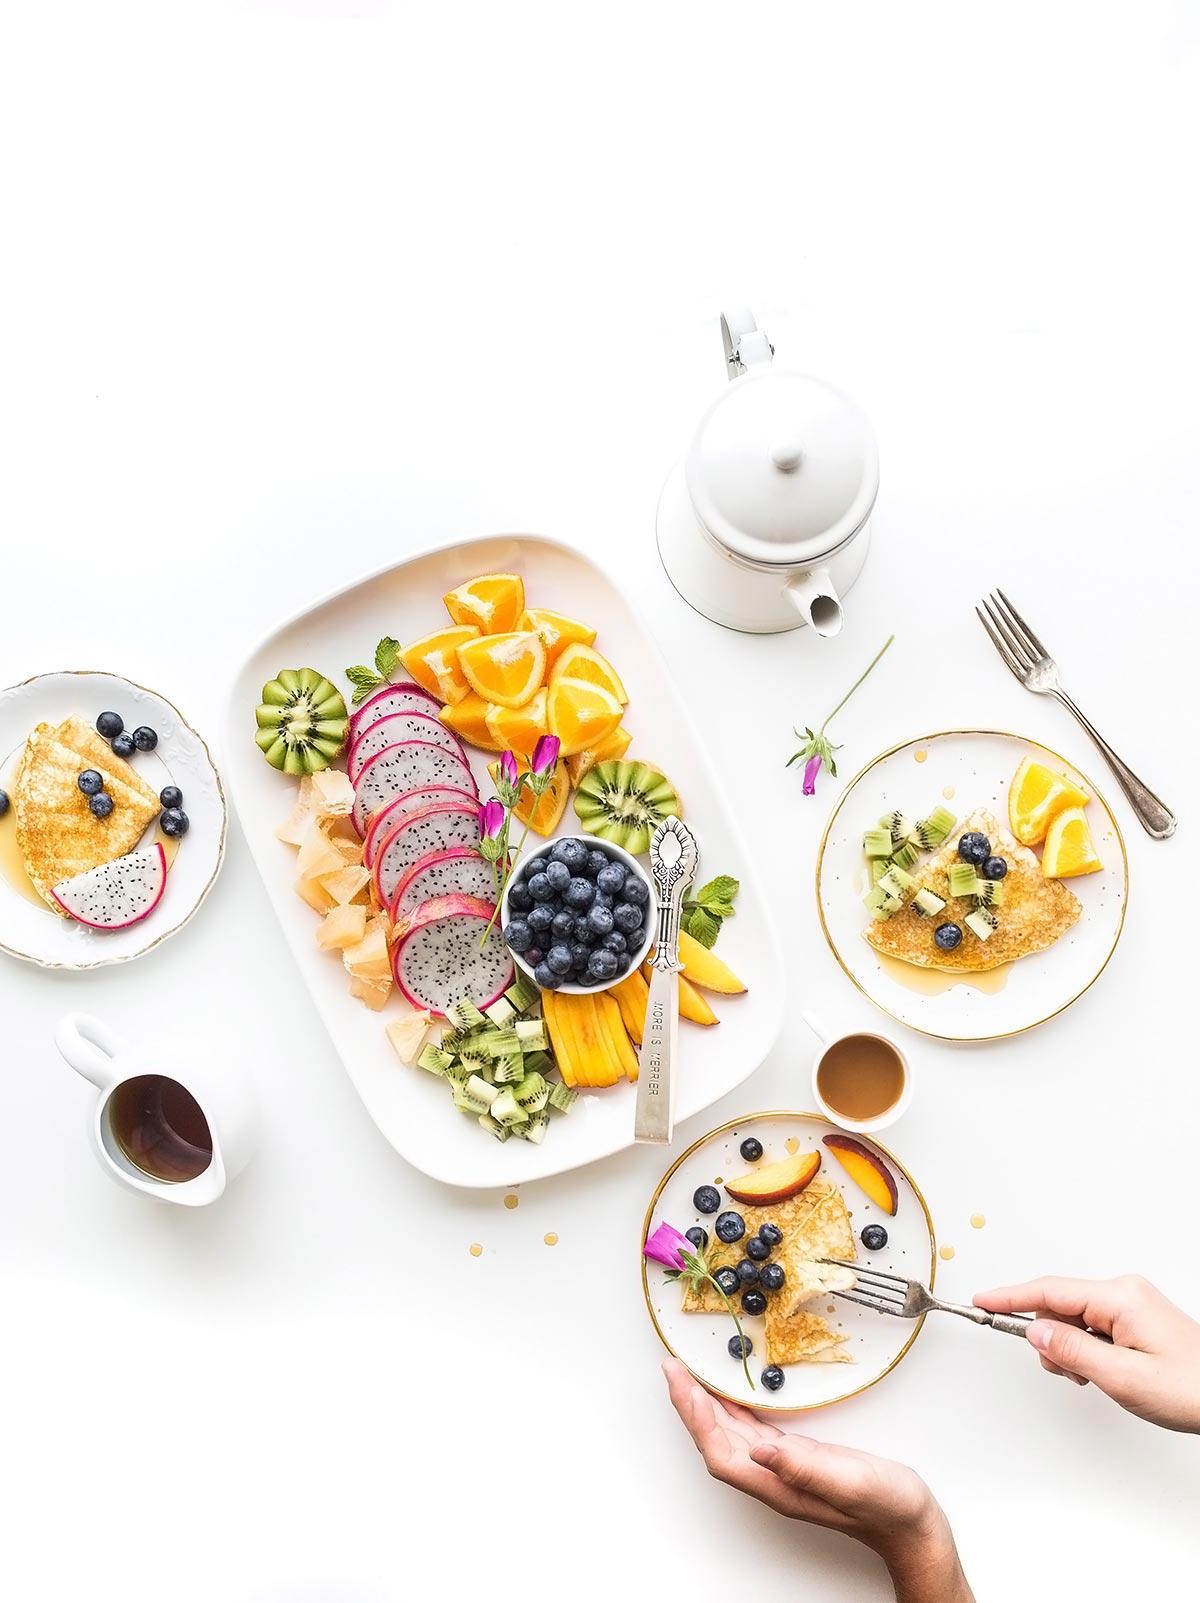 desayuno de crepes con fruta